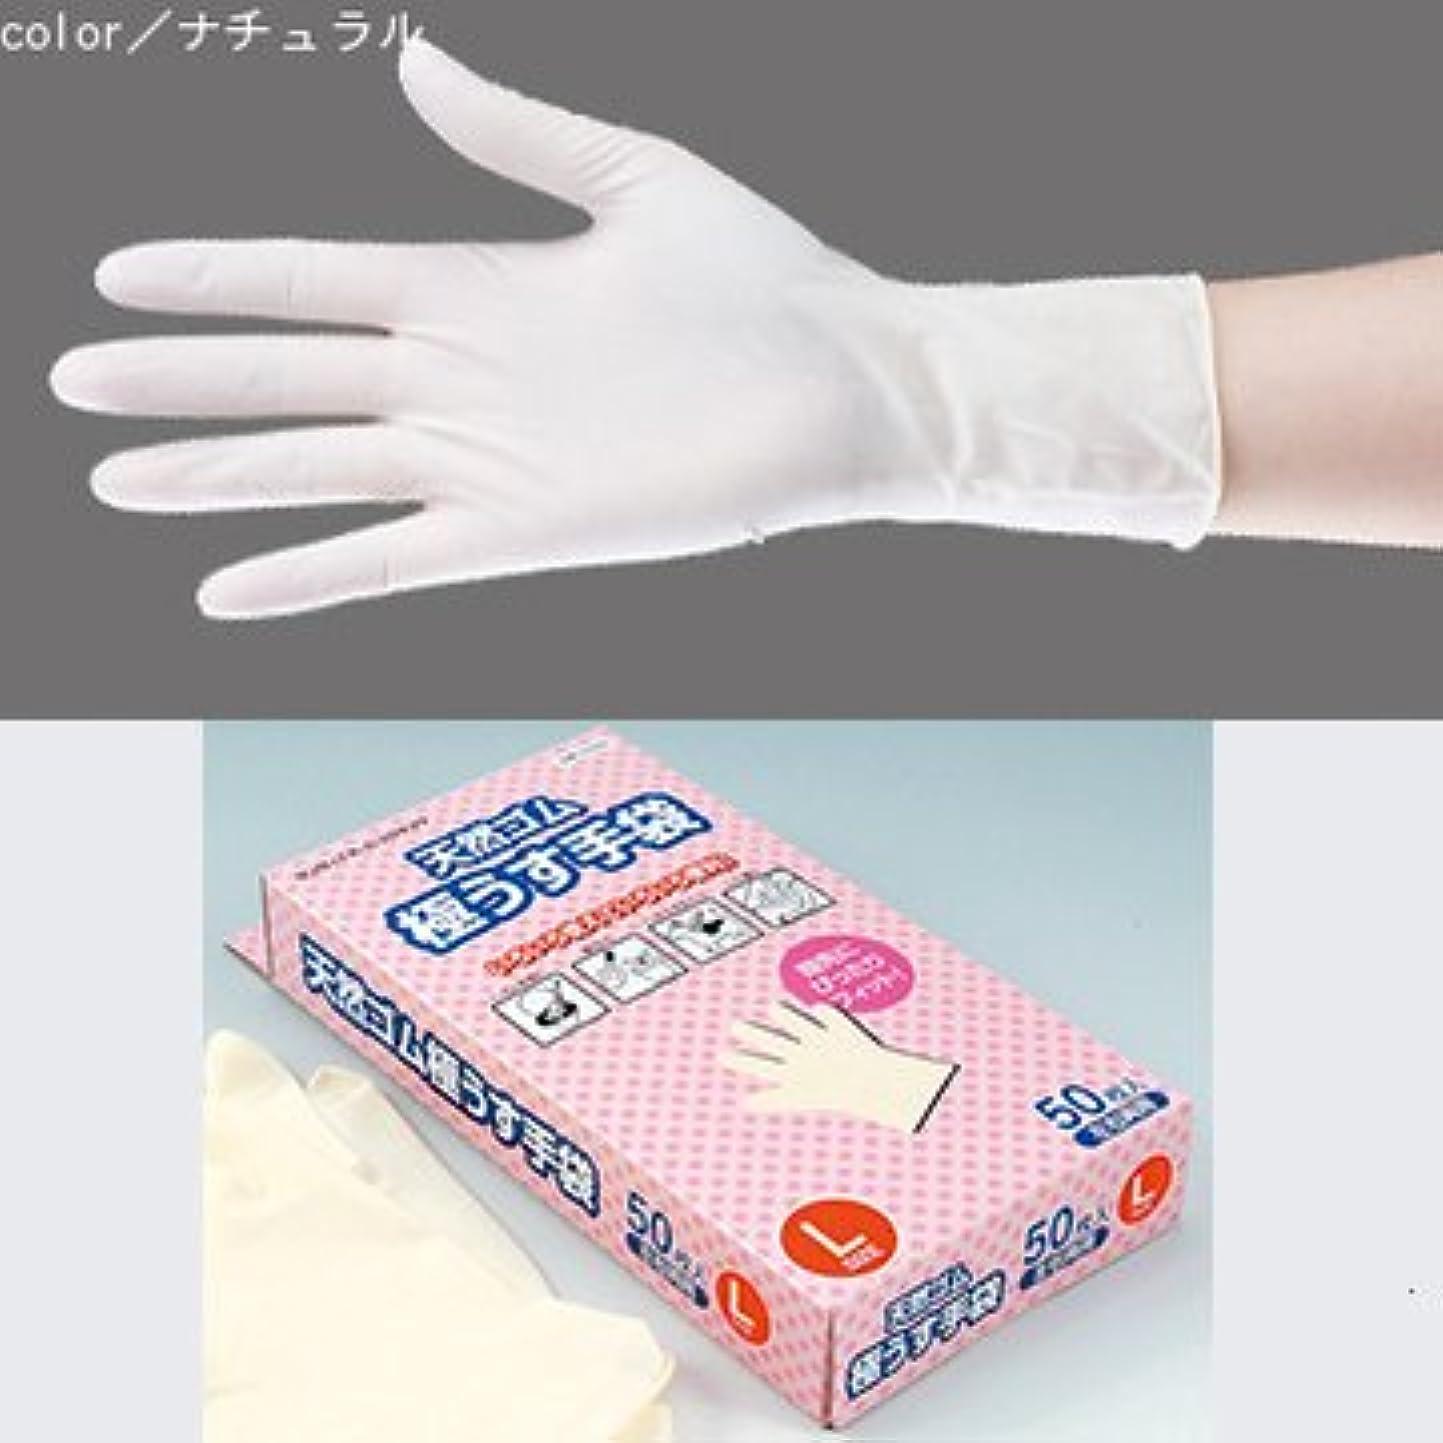 明らか名義で溶接天然ゴム極うす手袋 50枚入 (L)